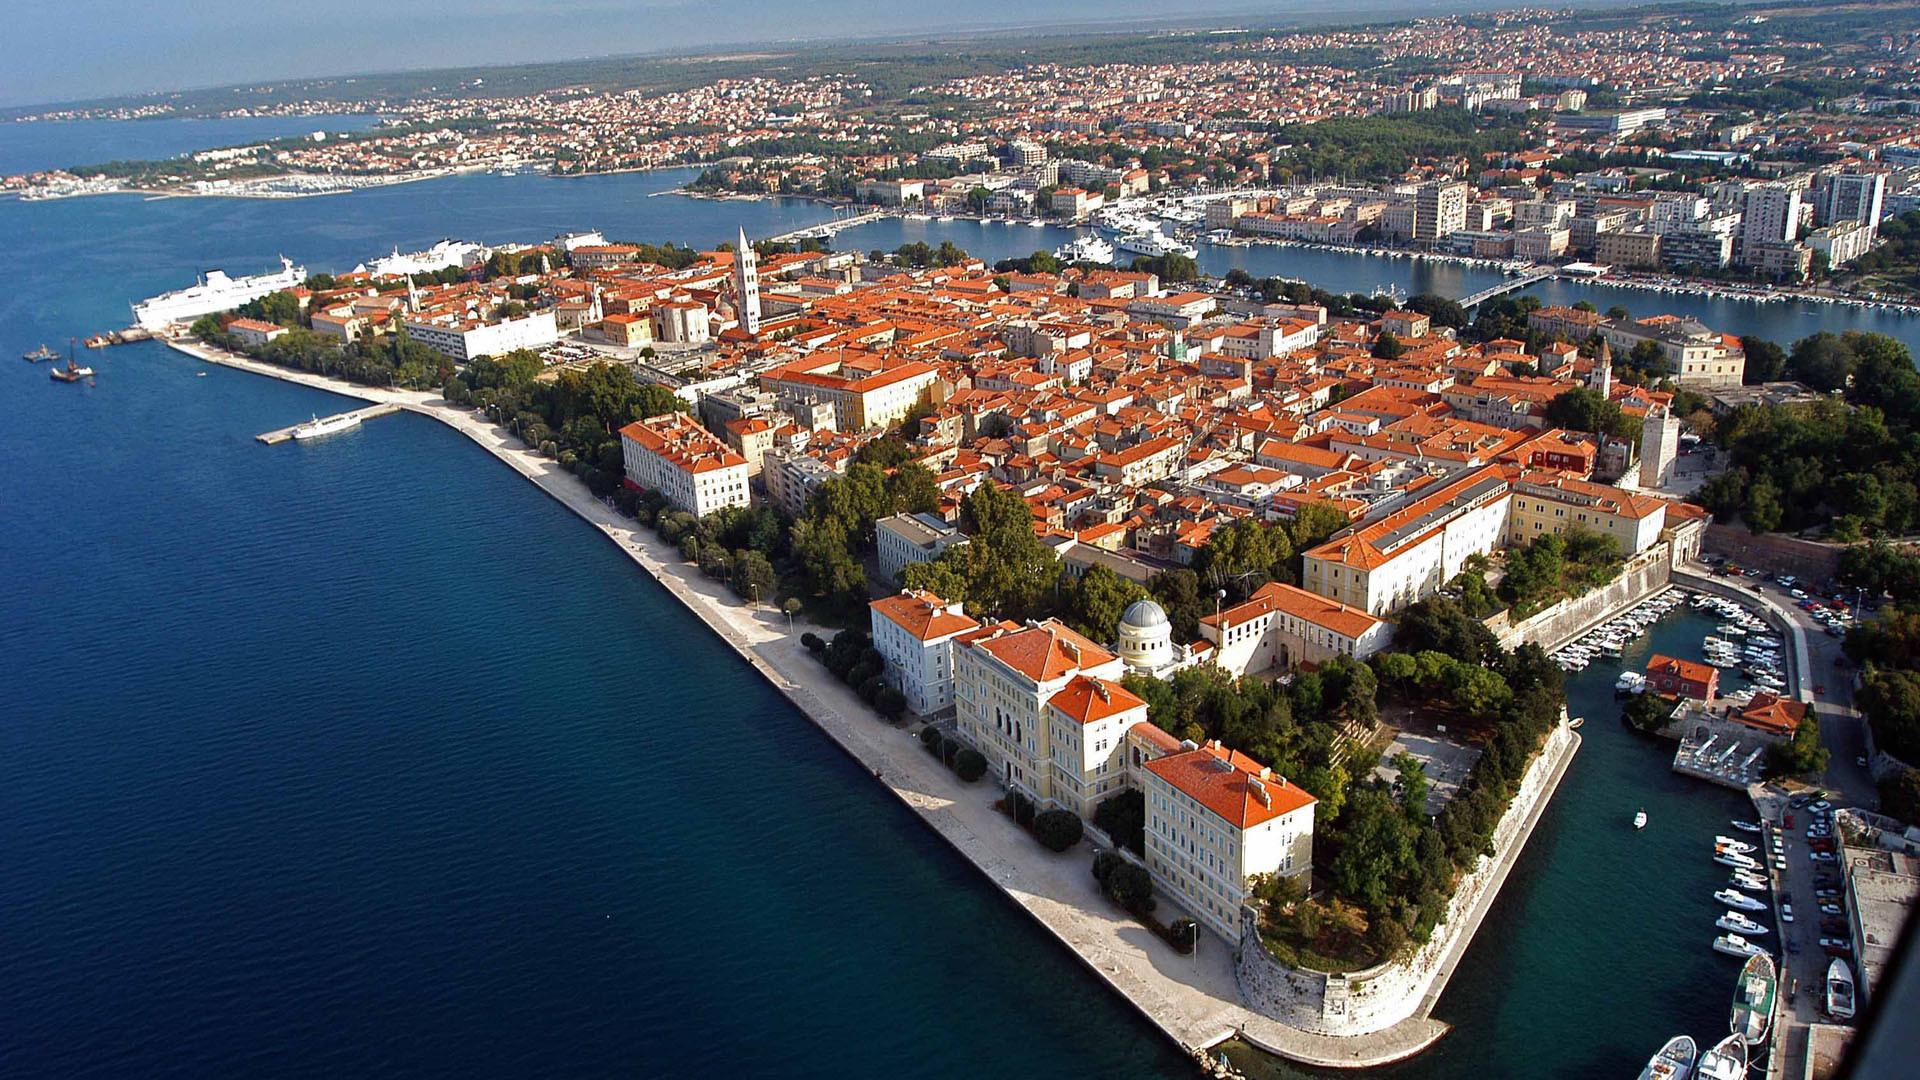 Хорватский город Задар - один из живописнейших на побережье Адриатического моря